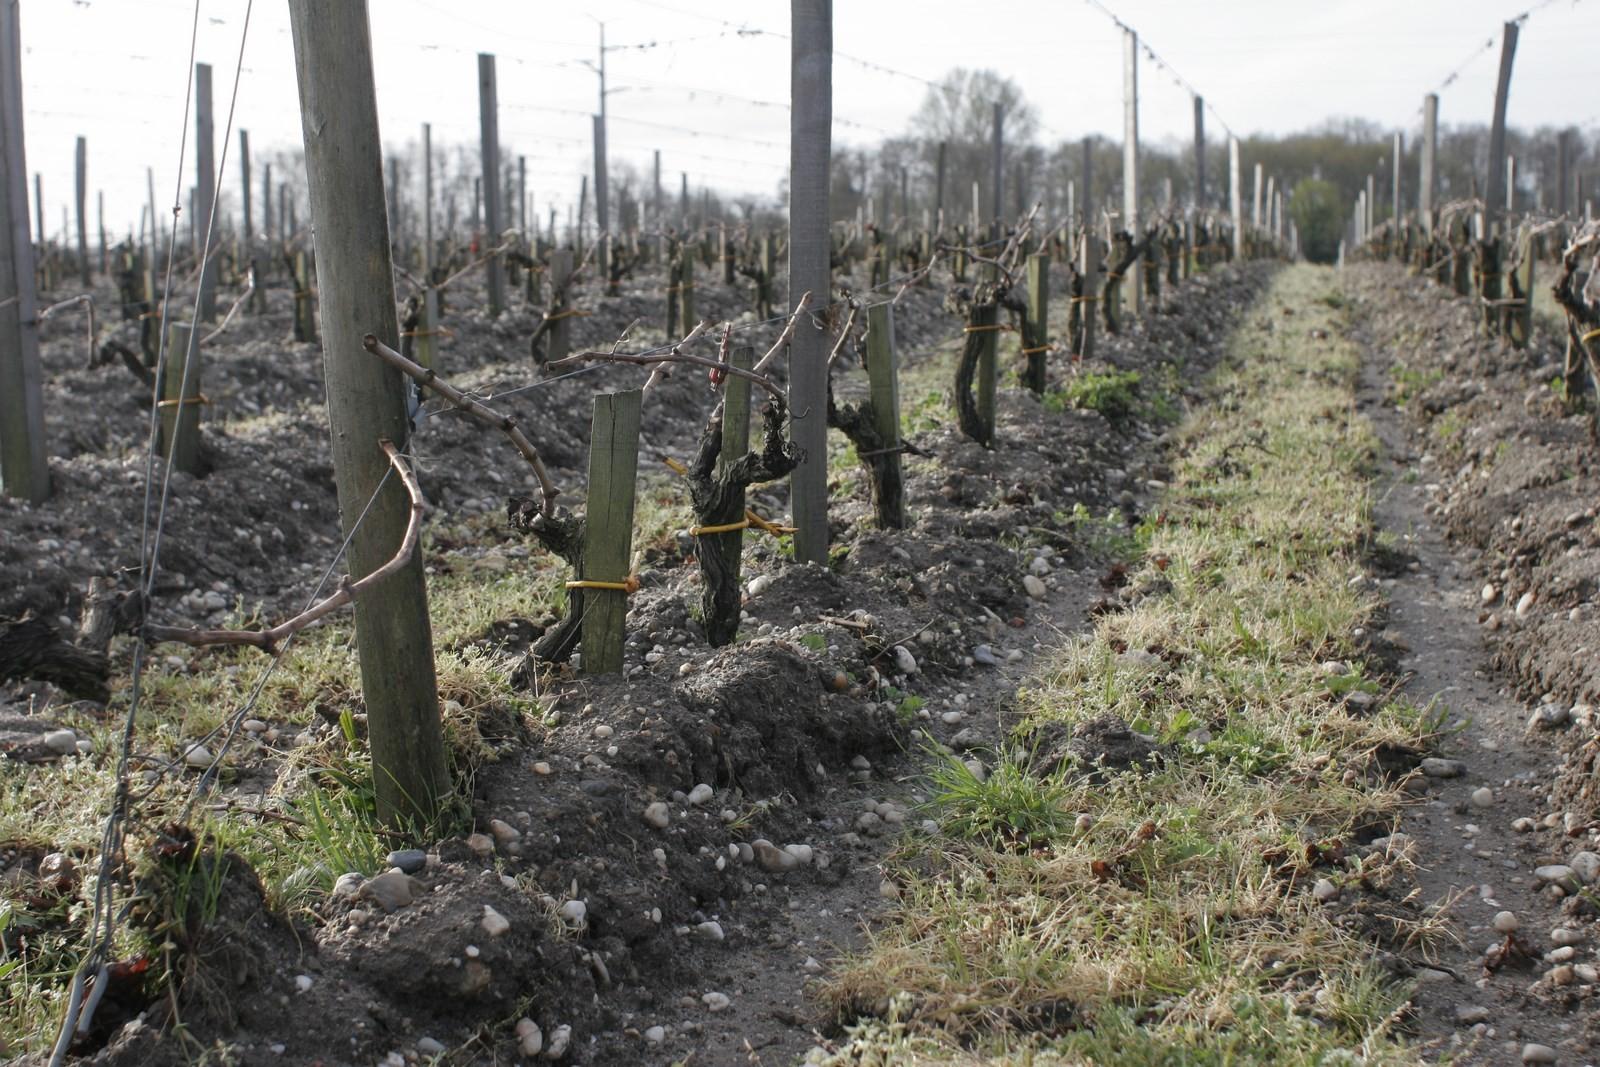 pendant ce temps, dans le médoc, on attache la vigne à l'osier